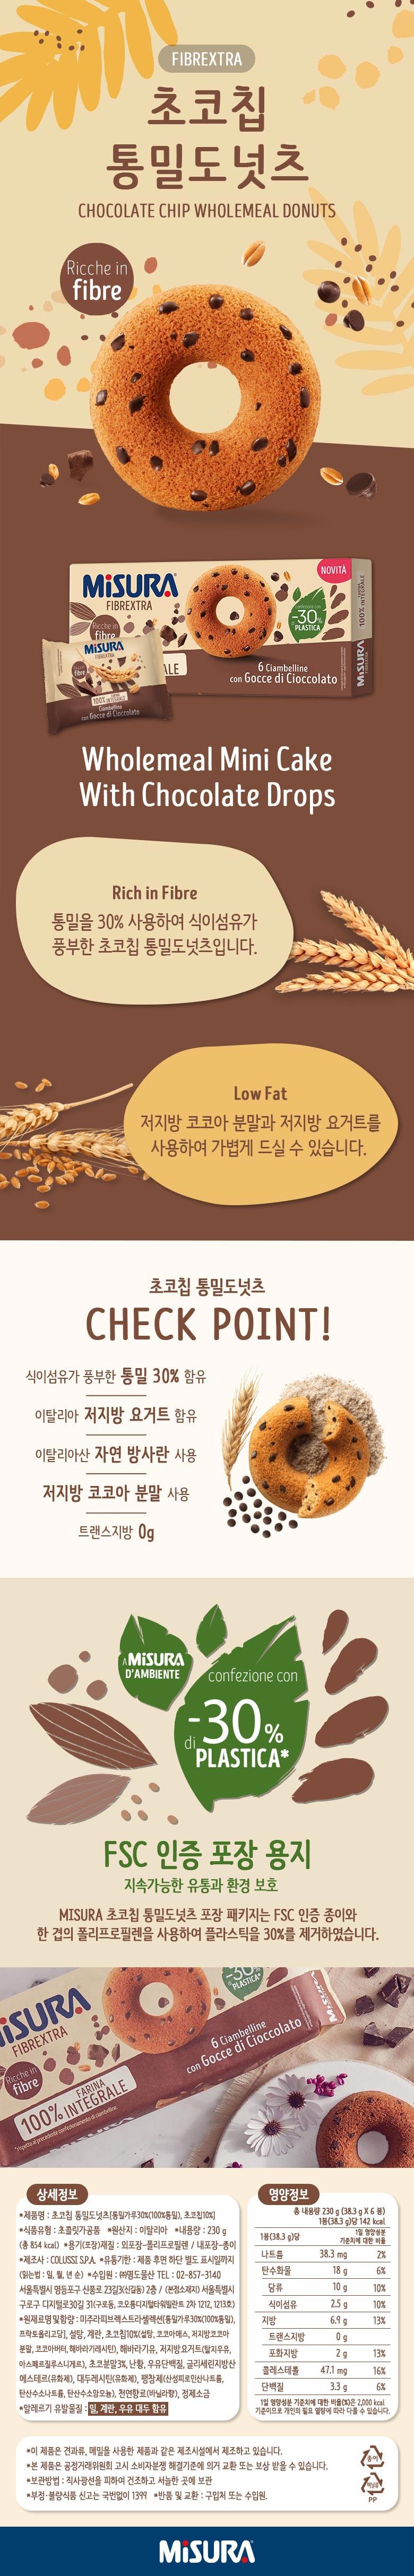 초코칩통밀도넛츠-상세페이지_20210203.jpg